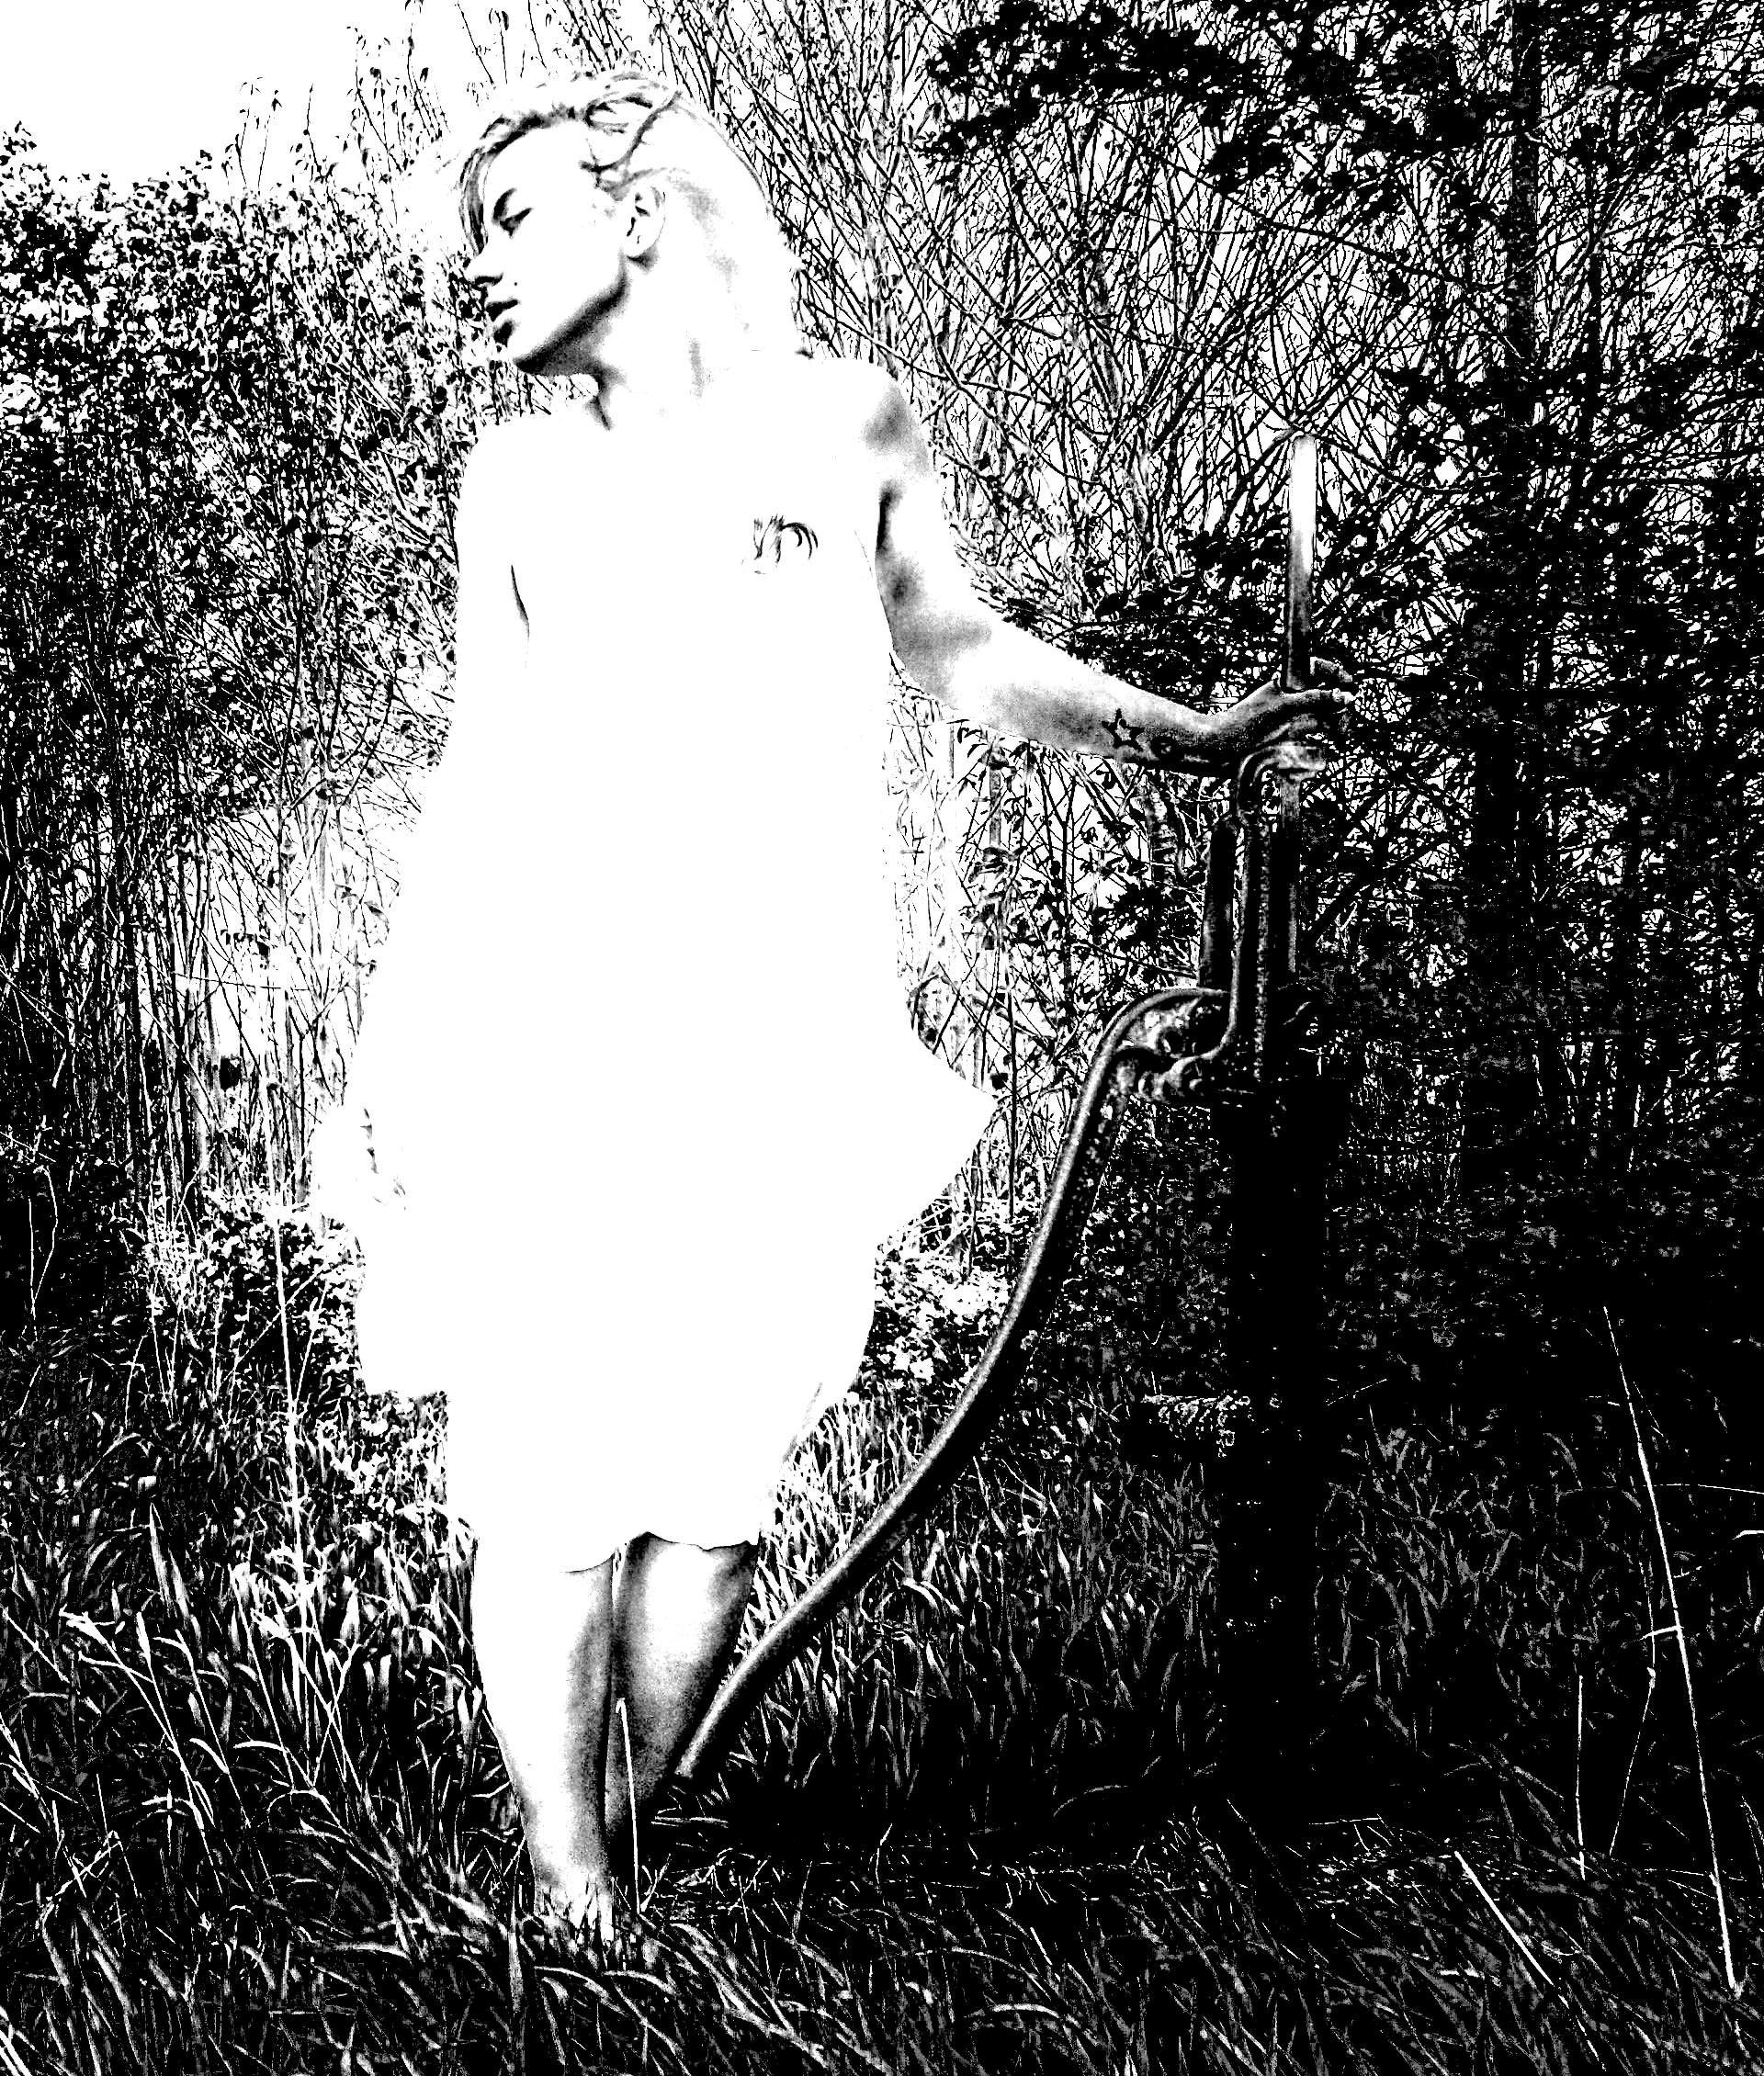 Garden of Eden by  Jeff Foster - Masterpiece Online